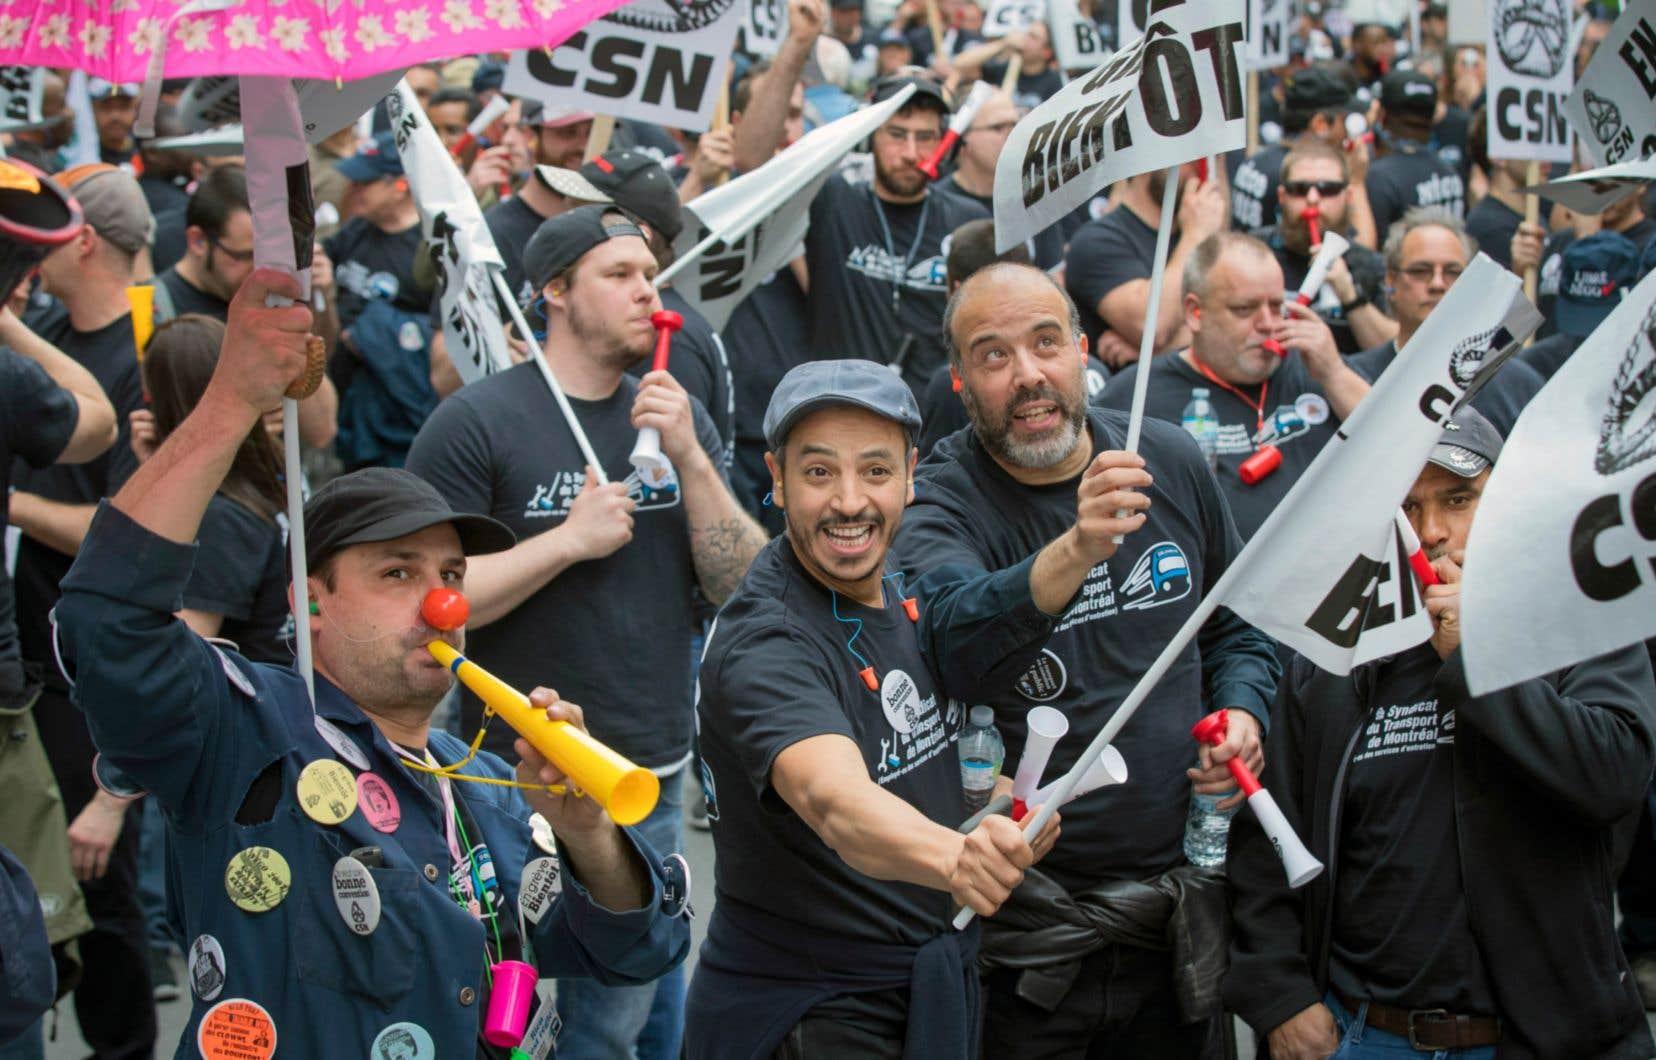 Les employés d'entretien de la STM accentuent les moyens de pression. Munis de trompettes et de sifflets, les syndiqués ont pris la rue mercredi après-midi au centre-ville lors d'une bruyante manifestation devant le siège social de la STM.